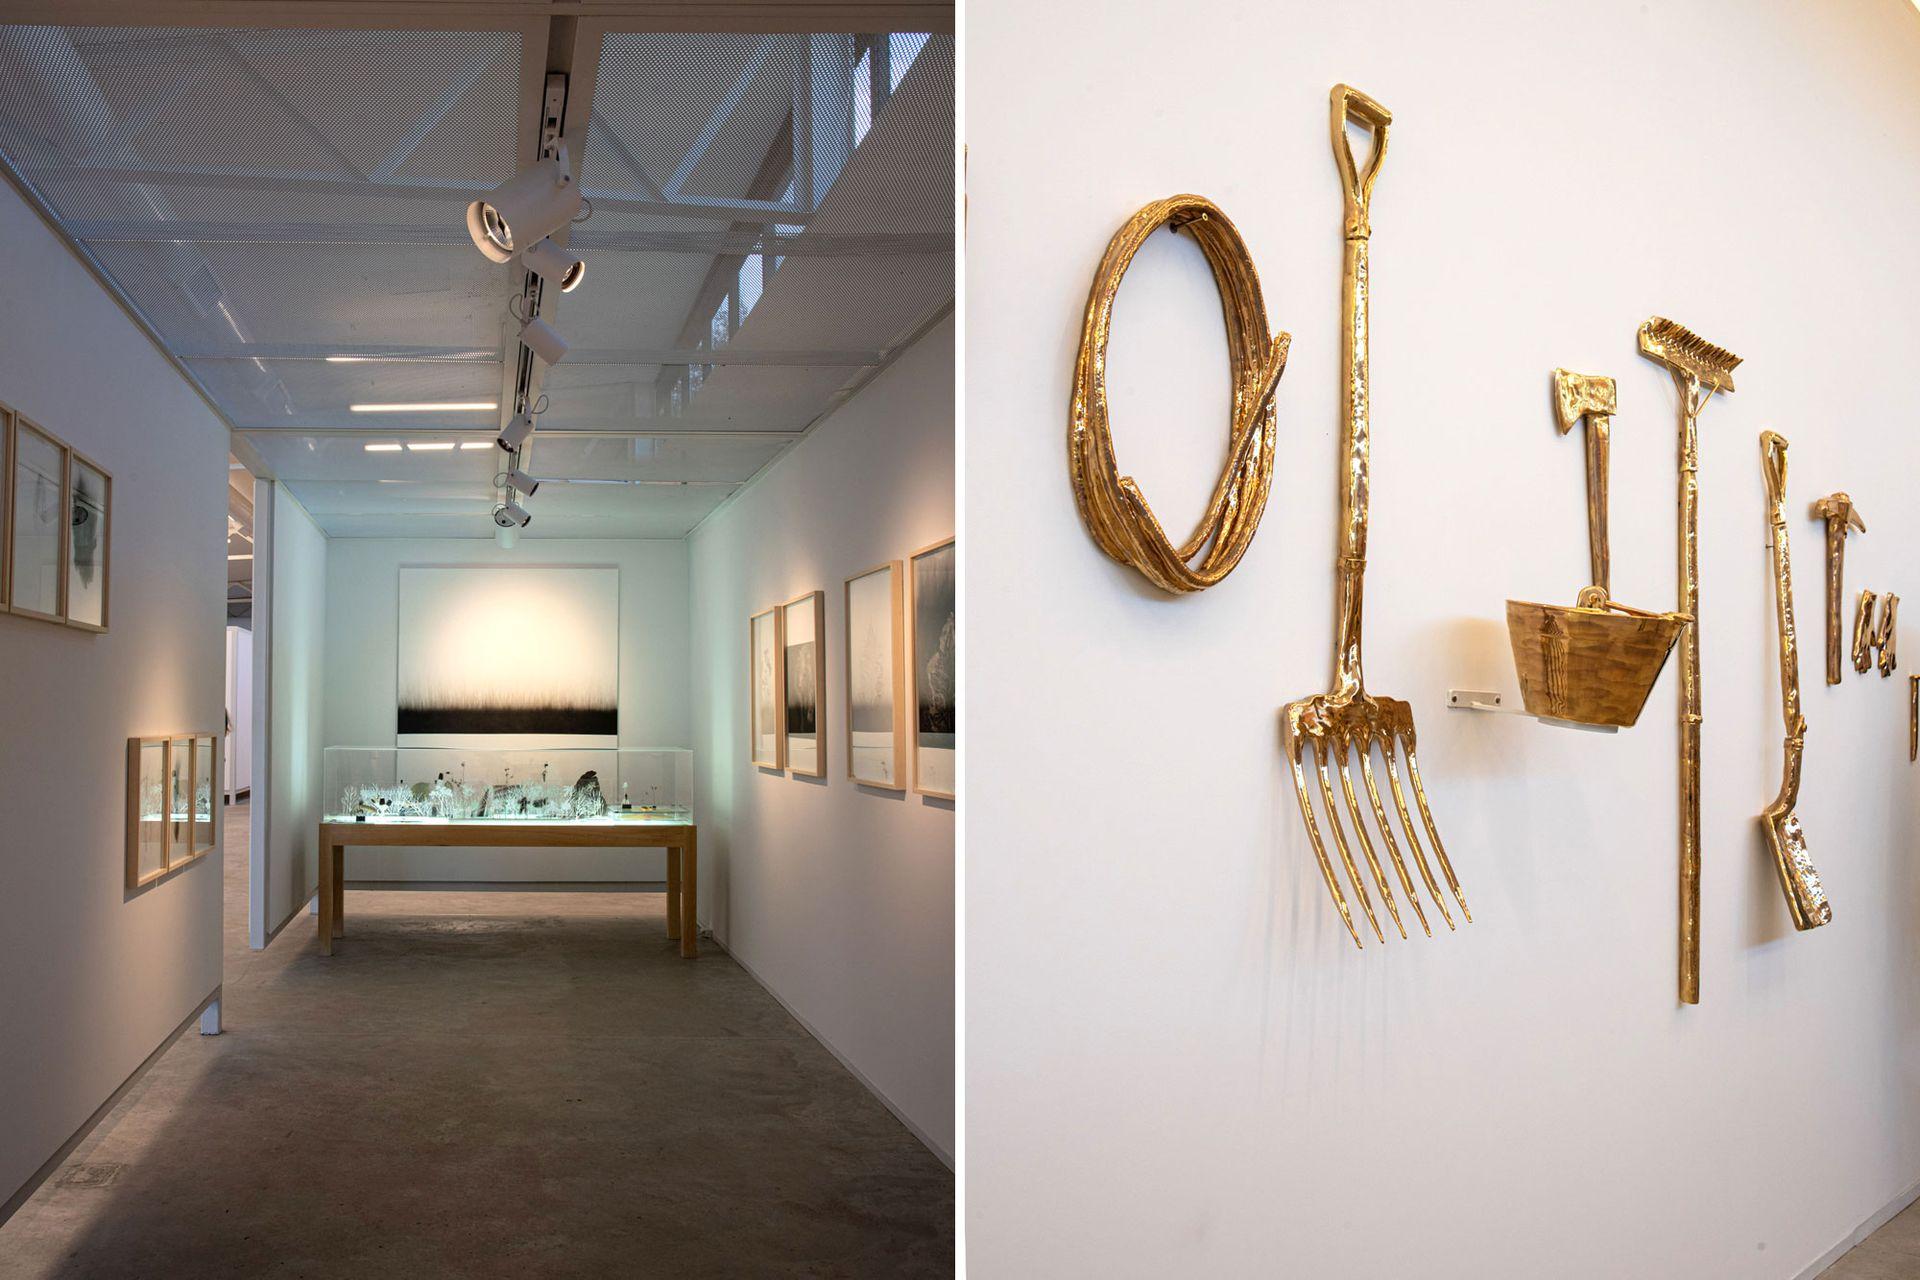 Las obras a resguardo en la galería fueron creadas a partir de materiales recolectados en el campo. En ese espacio cubierto también se realizarán exhibiciones temporales para fomentar el trabajo de diferentes artistas argentinos.